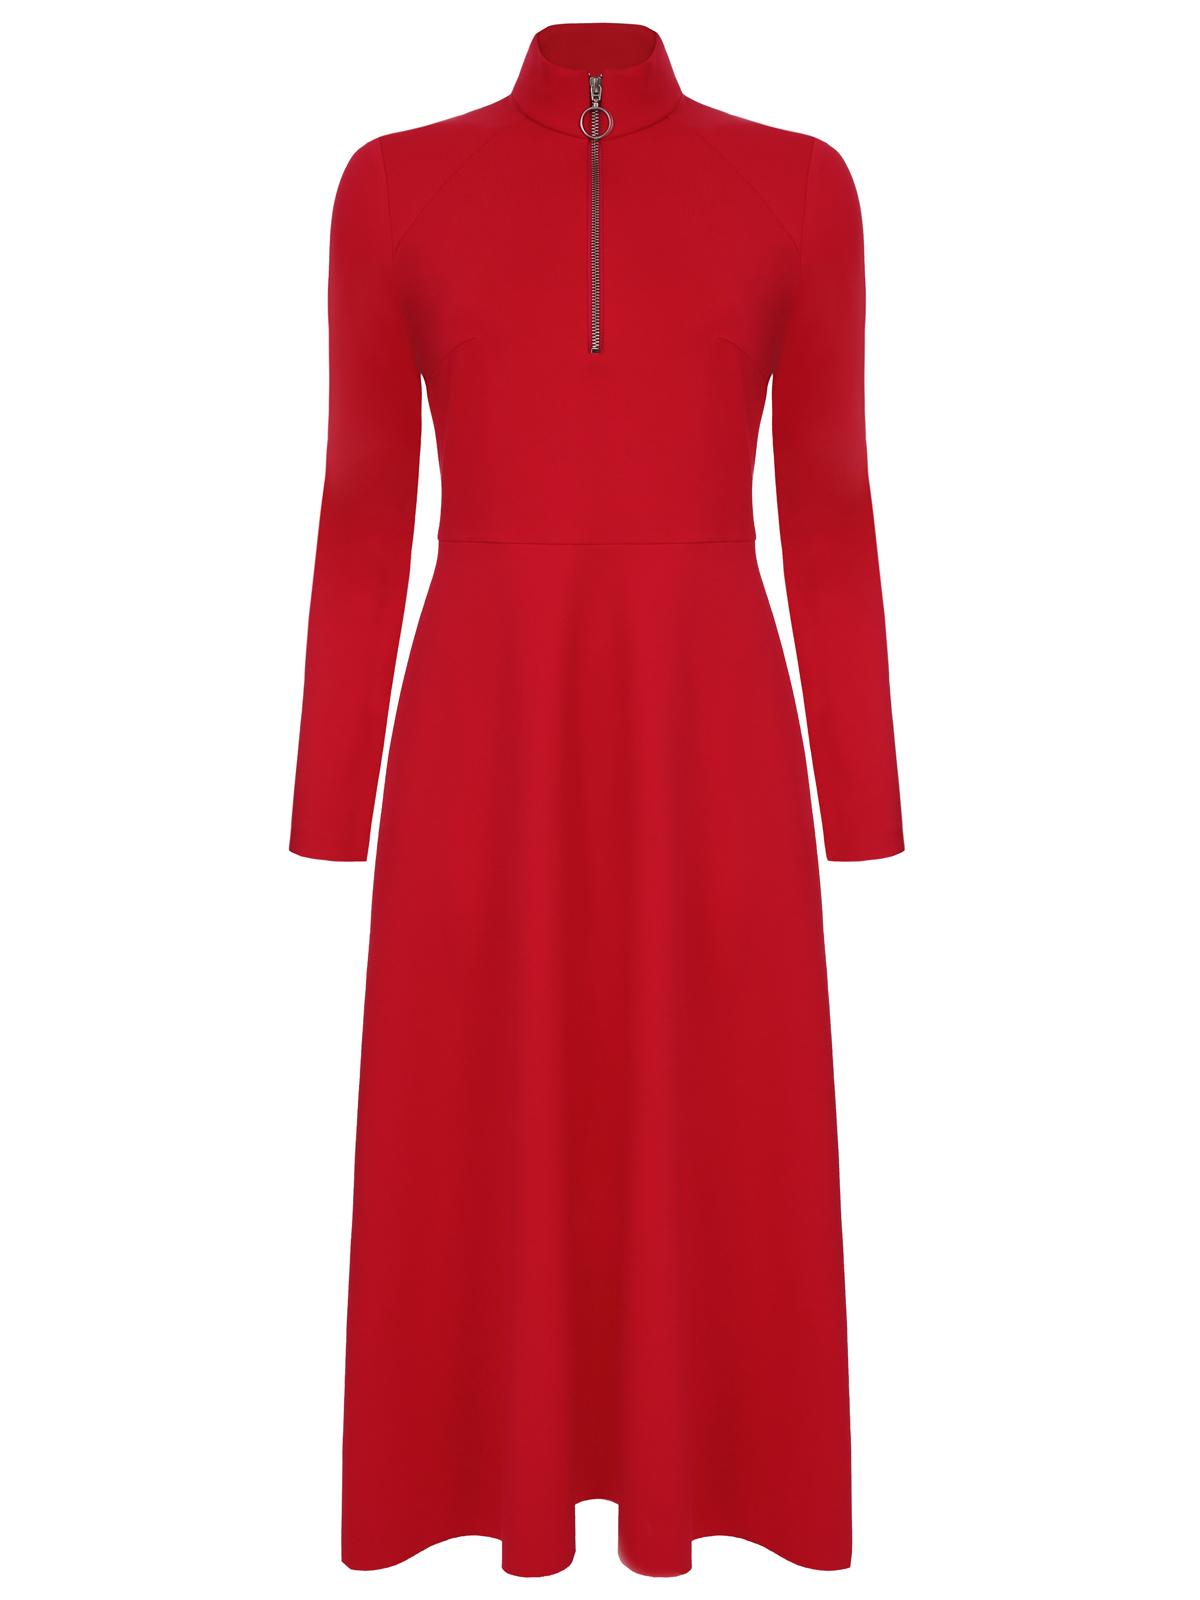 Платье алое (FW0475)